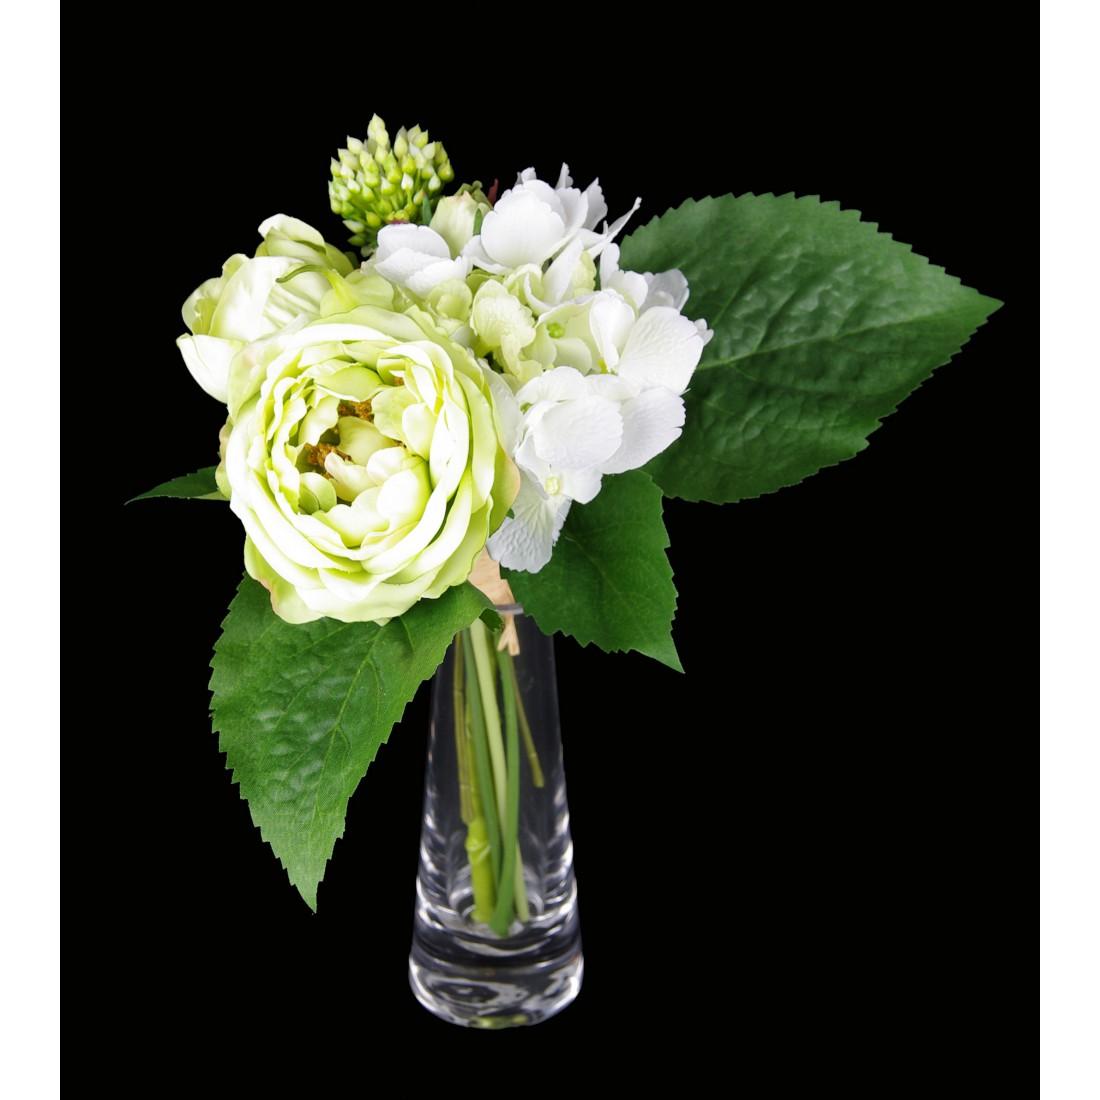 bouquet de renoncules et hortensia artificielles 28 cm piquets fleuris reflets nature lyon. Black Bedroom Furniture Sets. Home Design Ideas